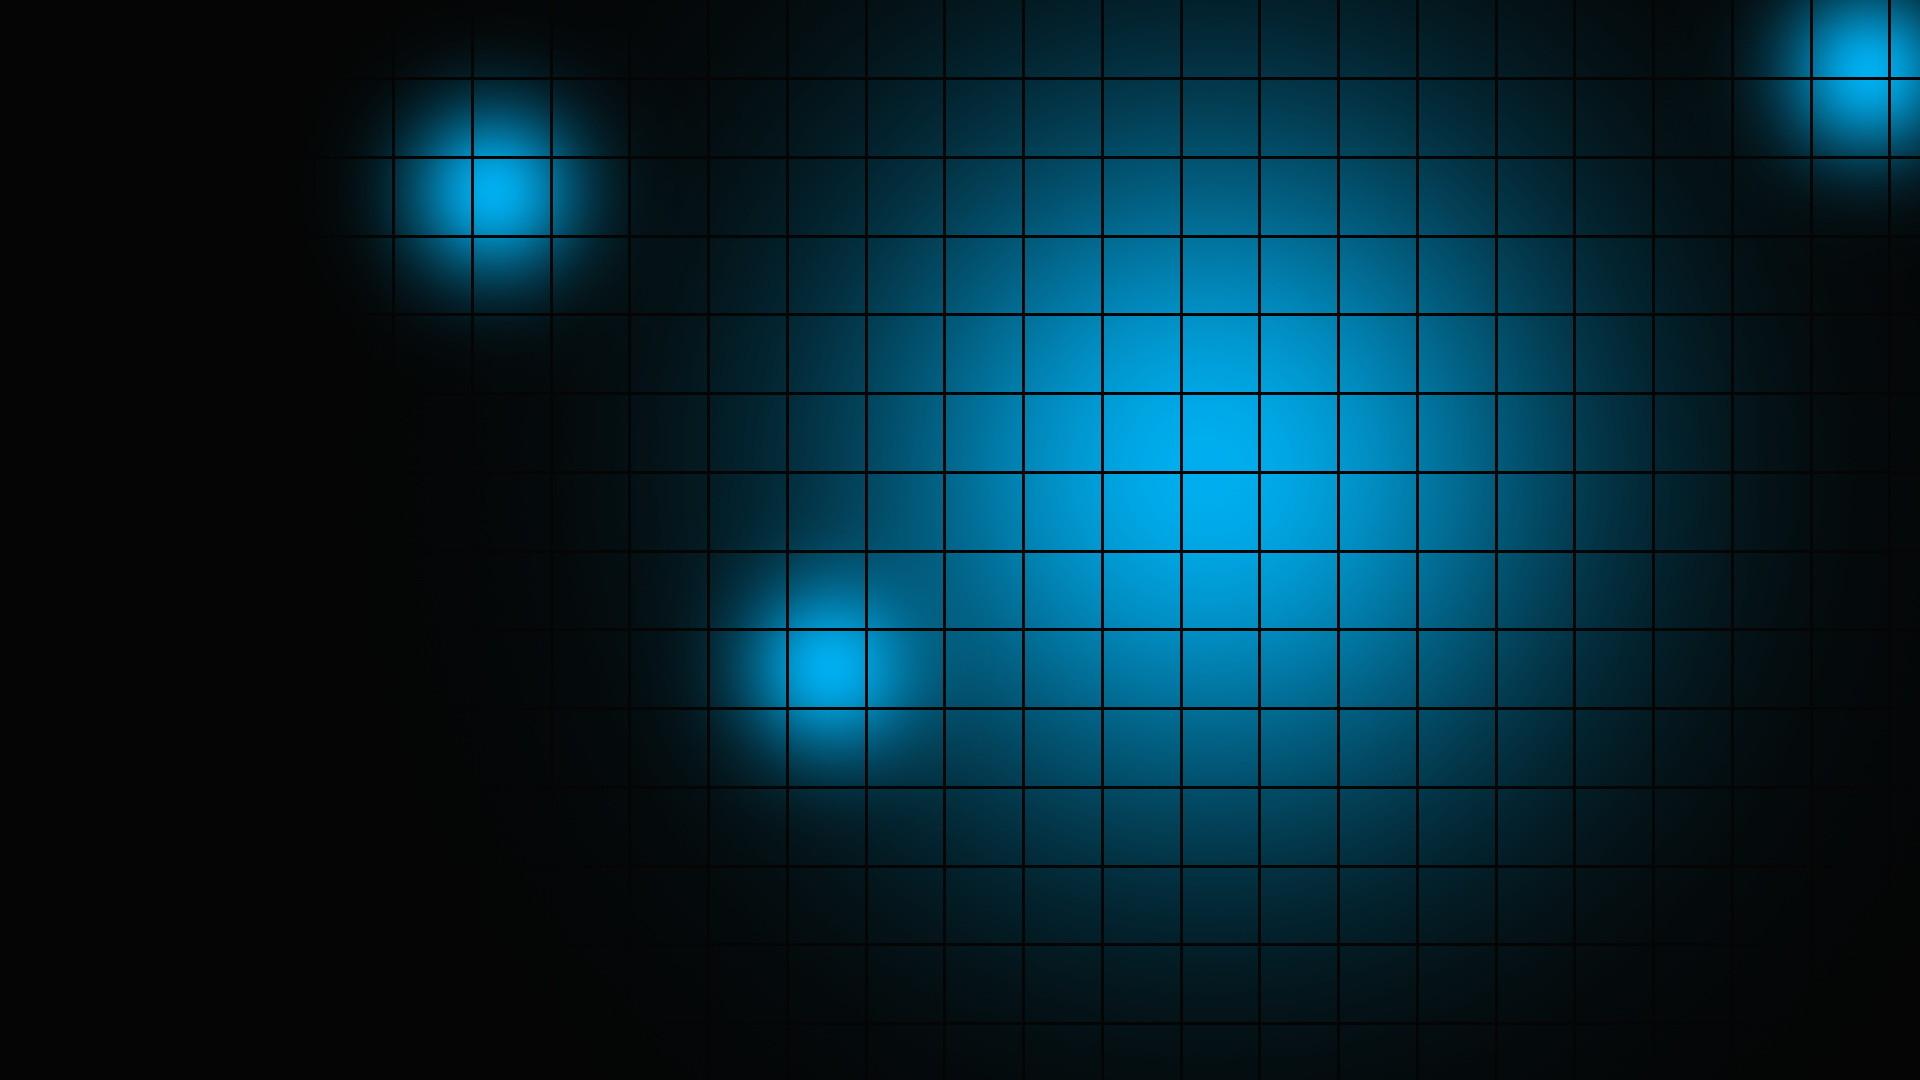 … blue wallpaper 10 …